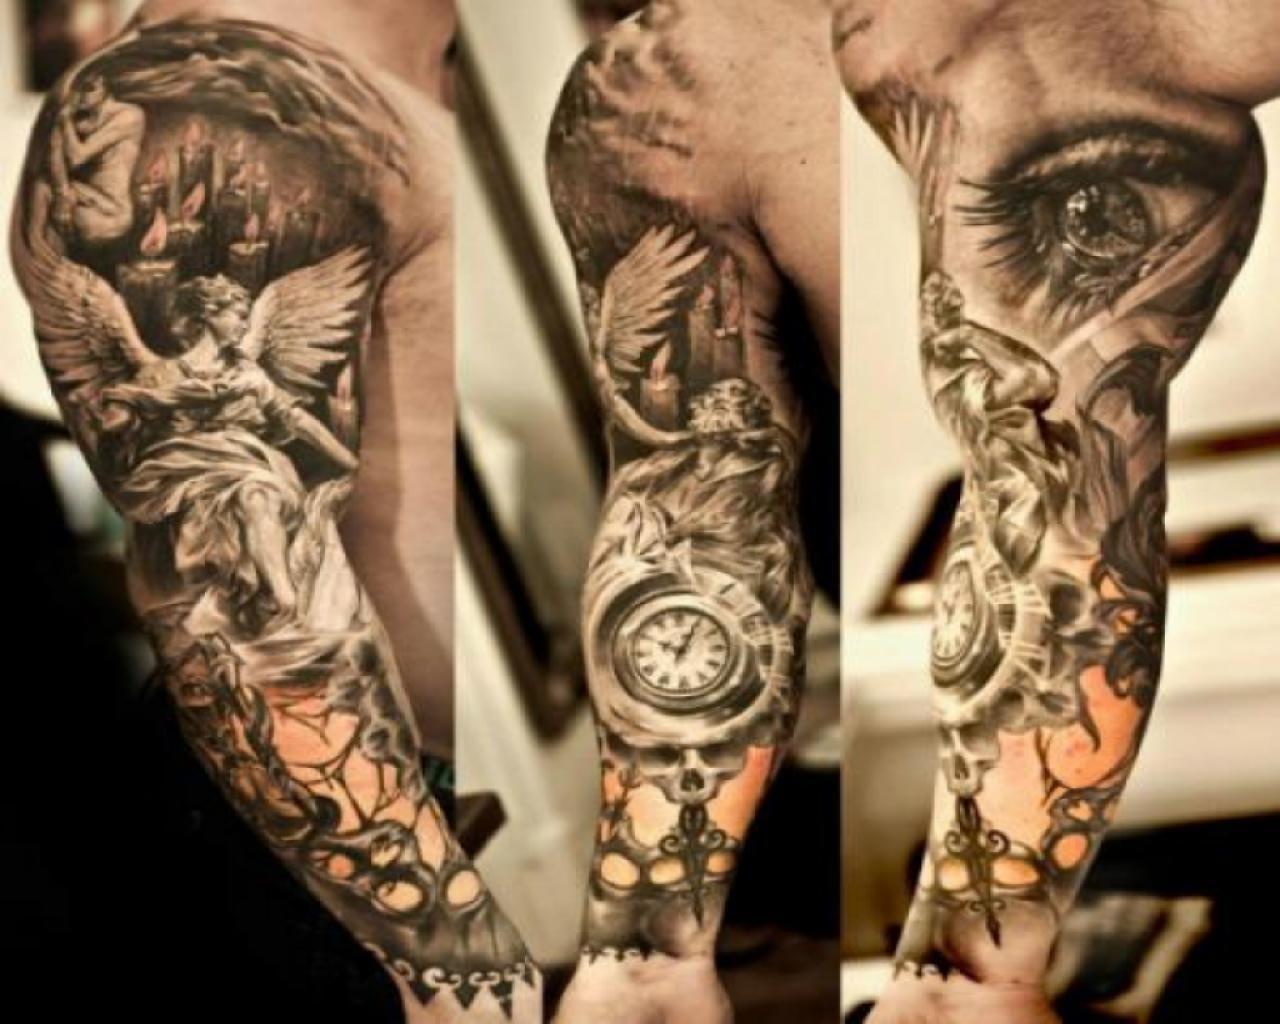 Tatuajes En Un Brazo Completo tatuajes brazo entero - tatuajes